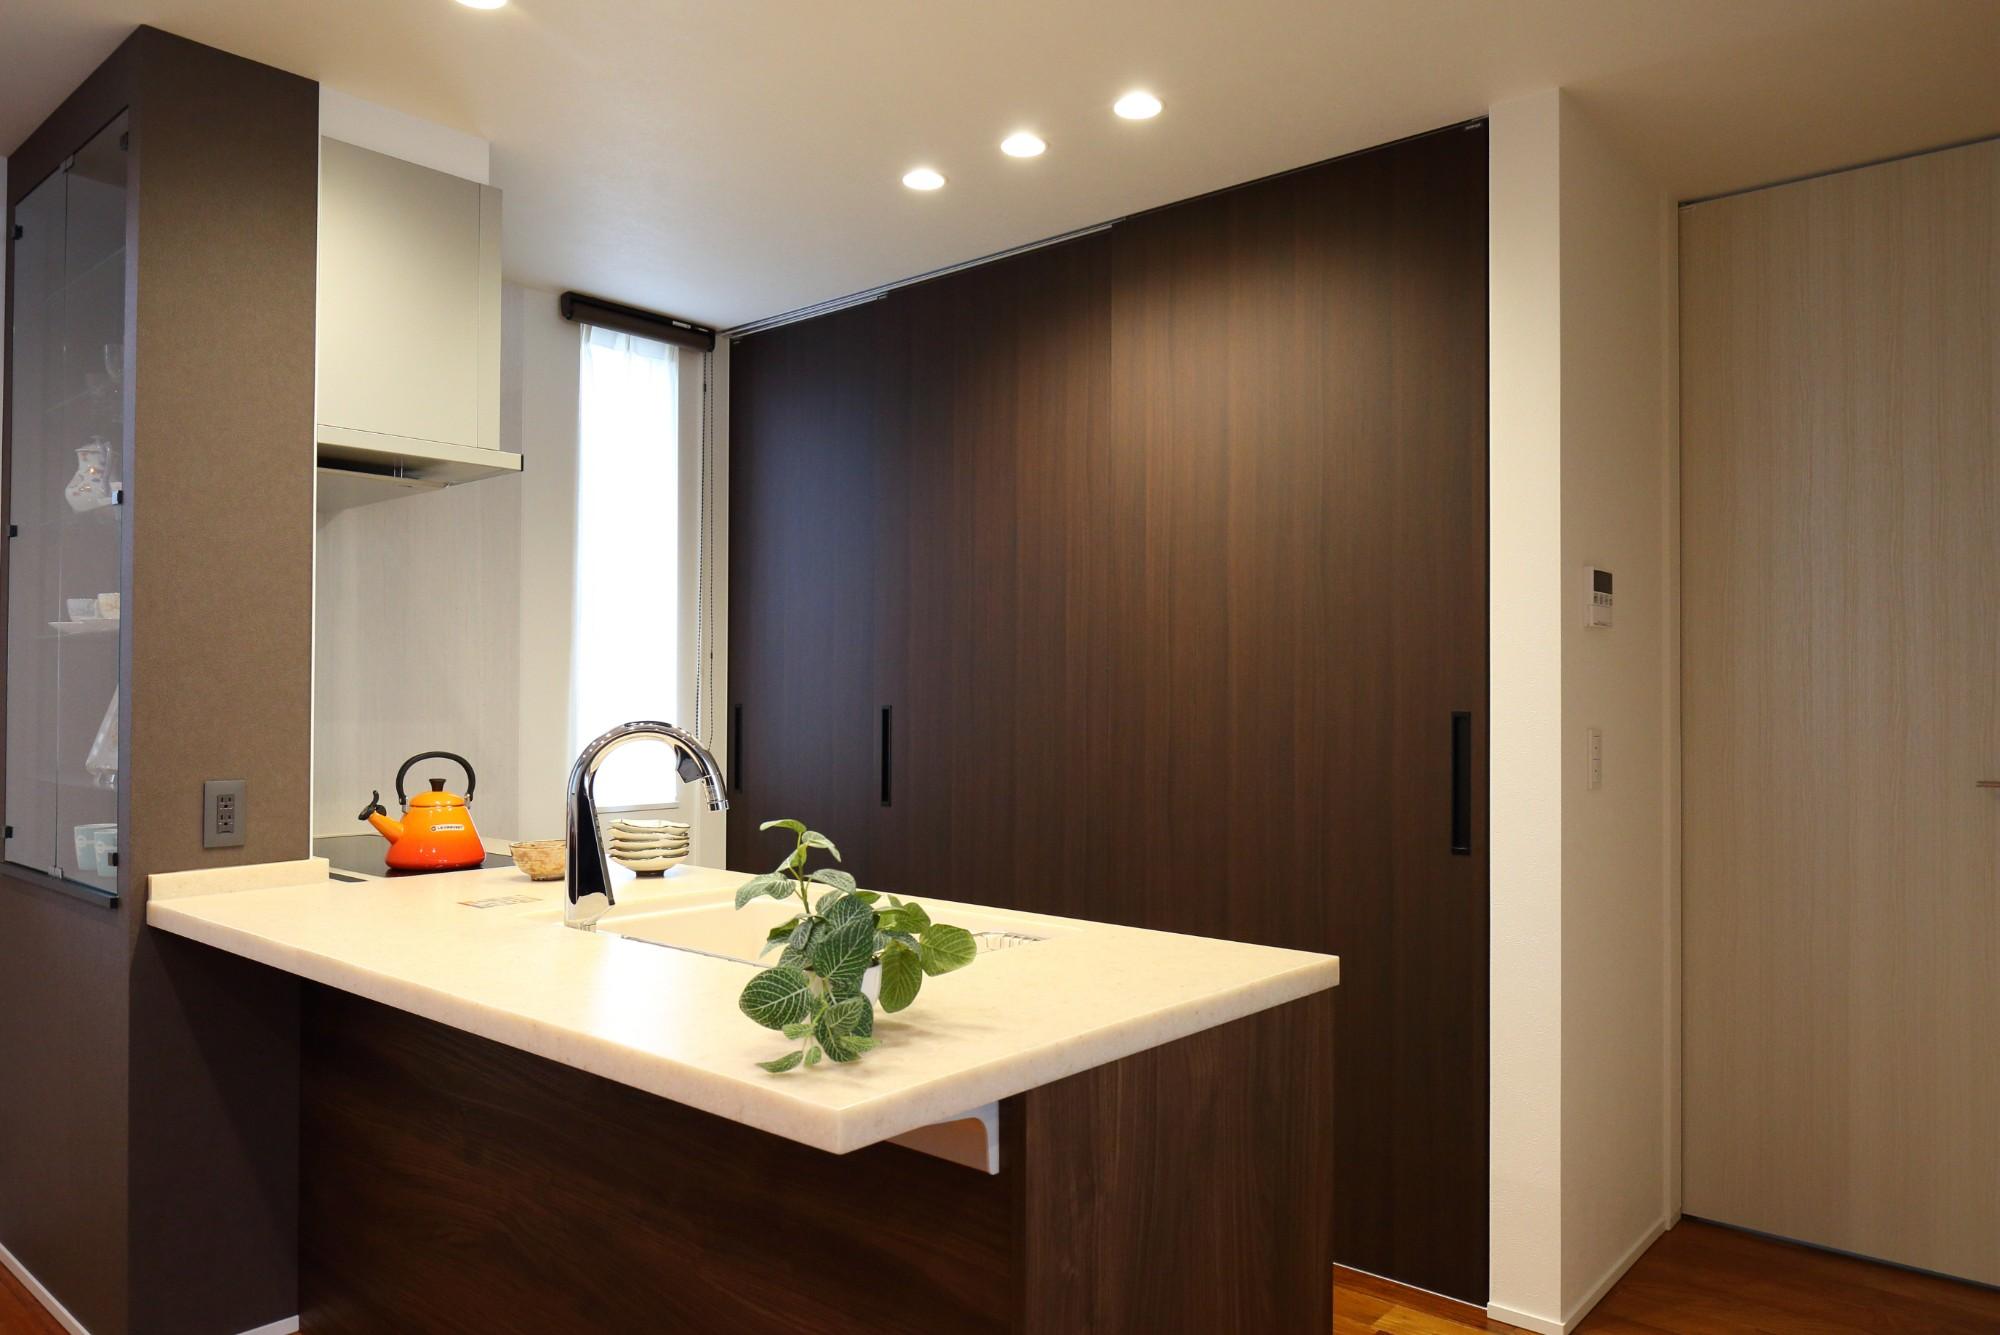 フクダハウジング株式会社「3階建ての素材にこだわった上質な家」のモダンなキッチンの実例写真